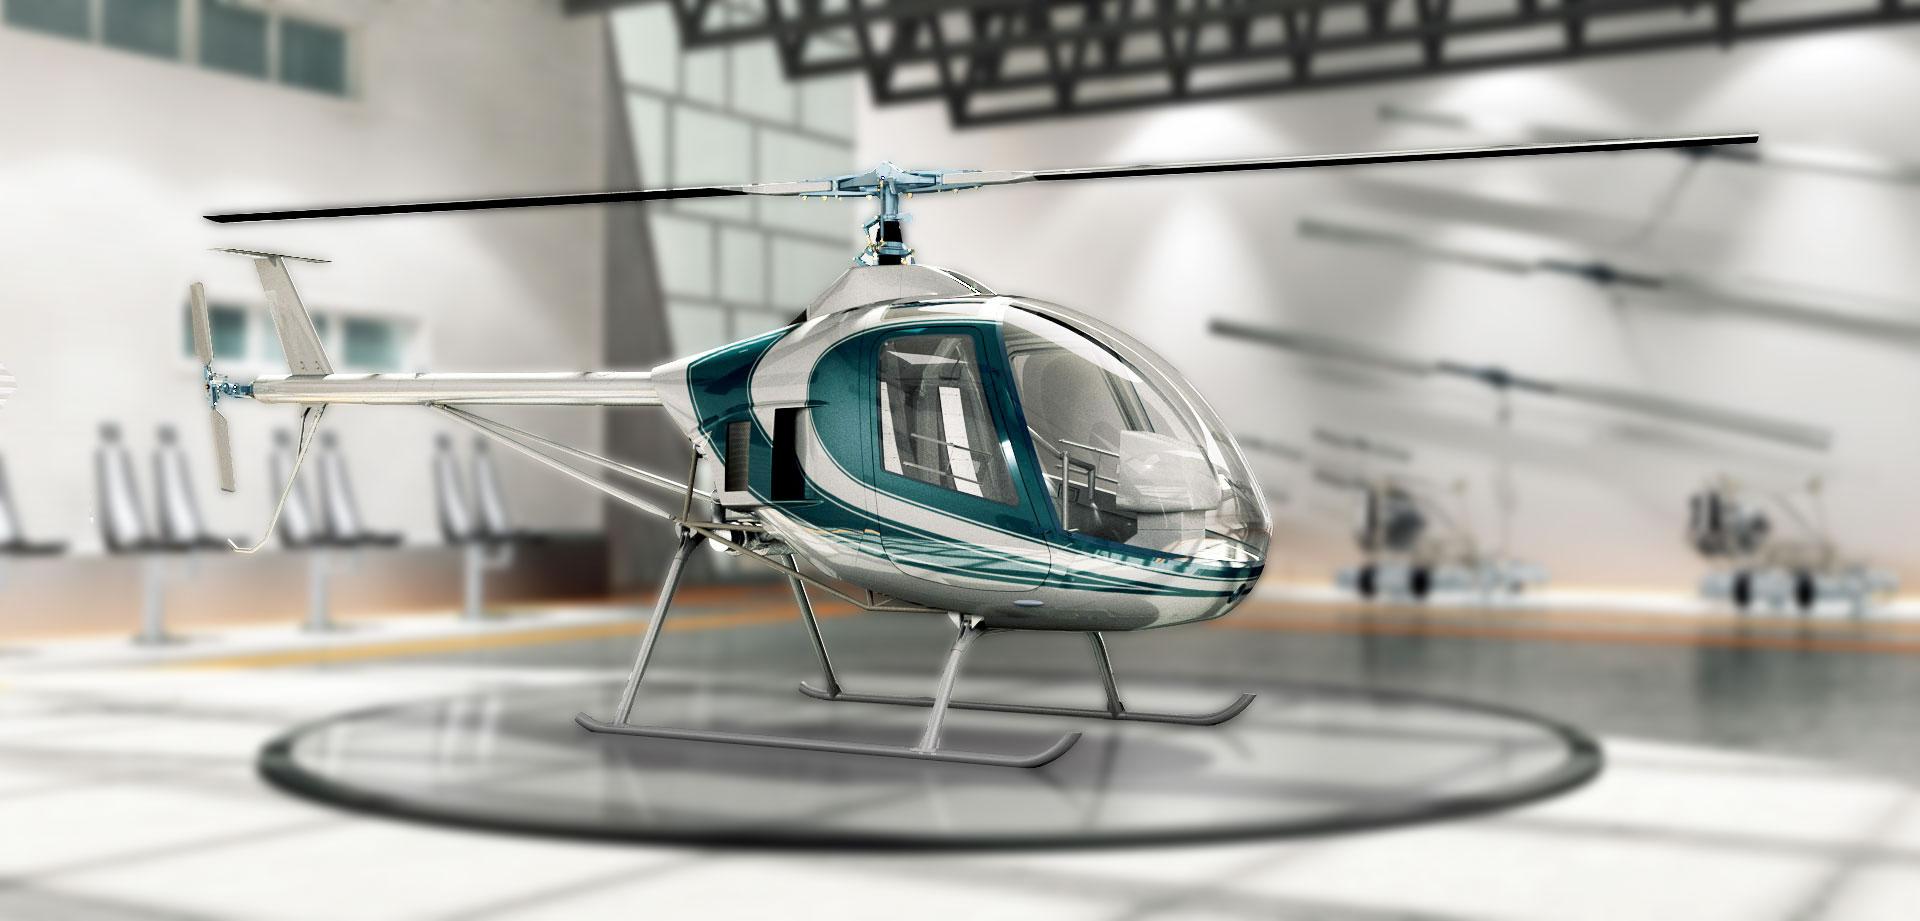 Elicottero 212 : Bell elicottero spazi confinati addestramento di volo foto